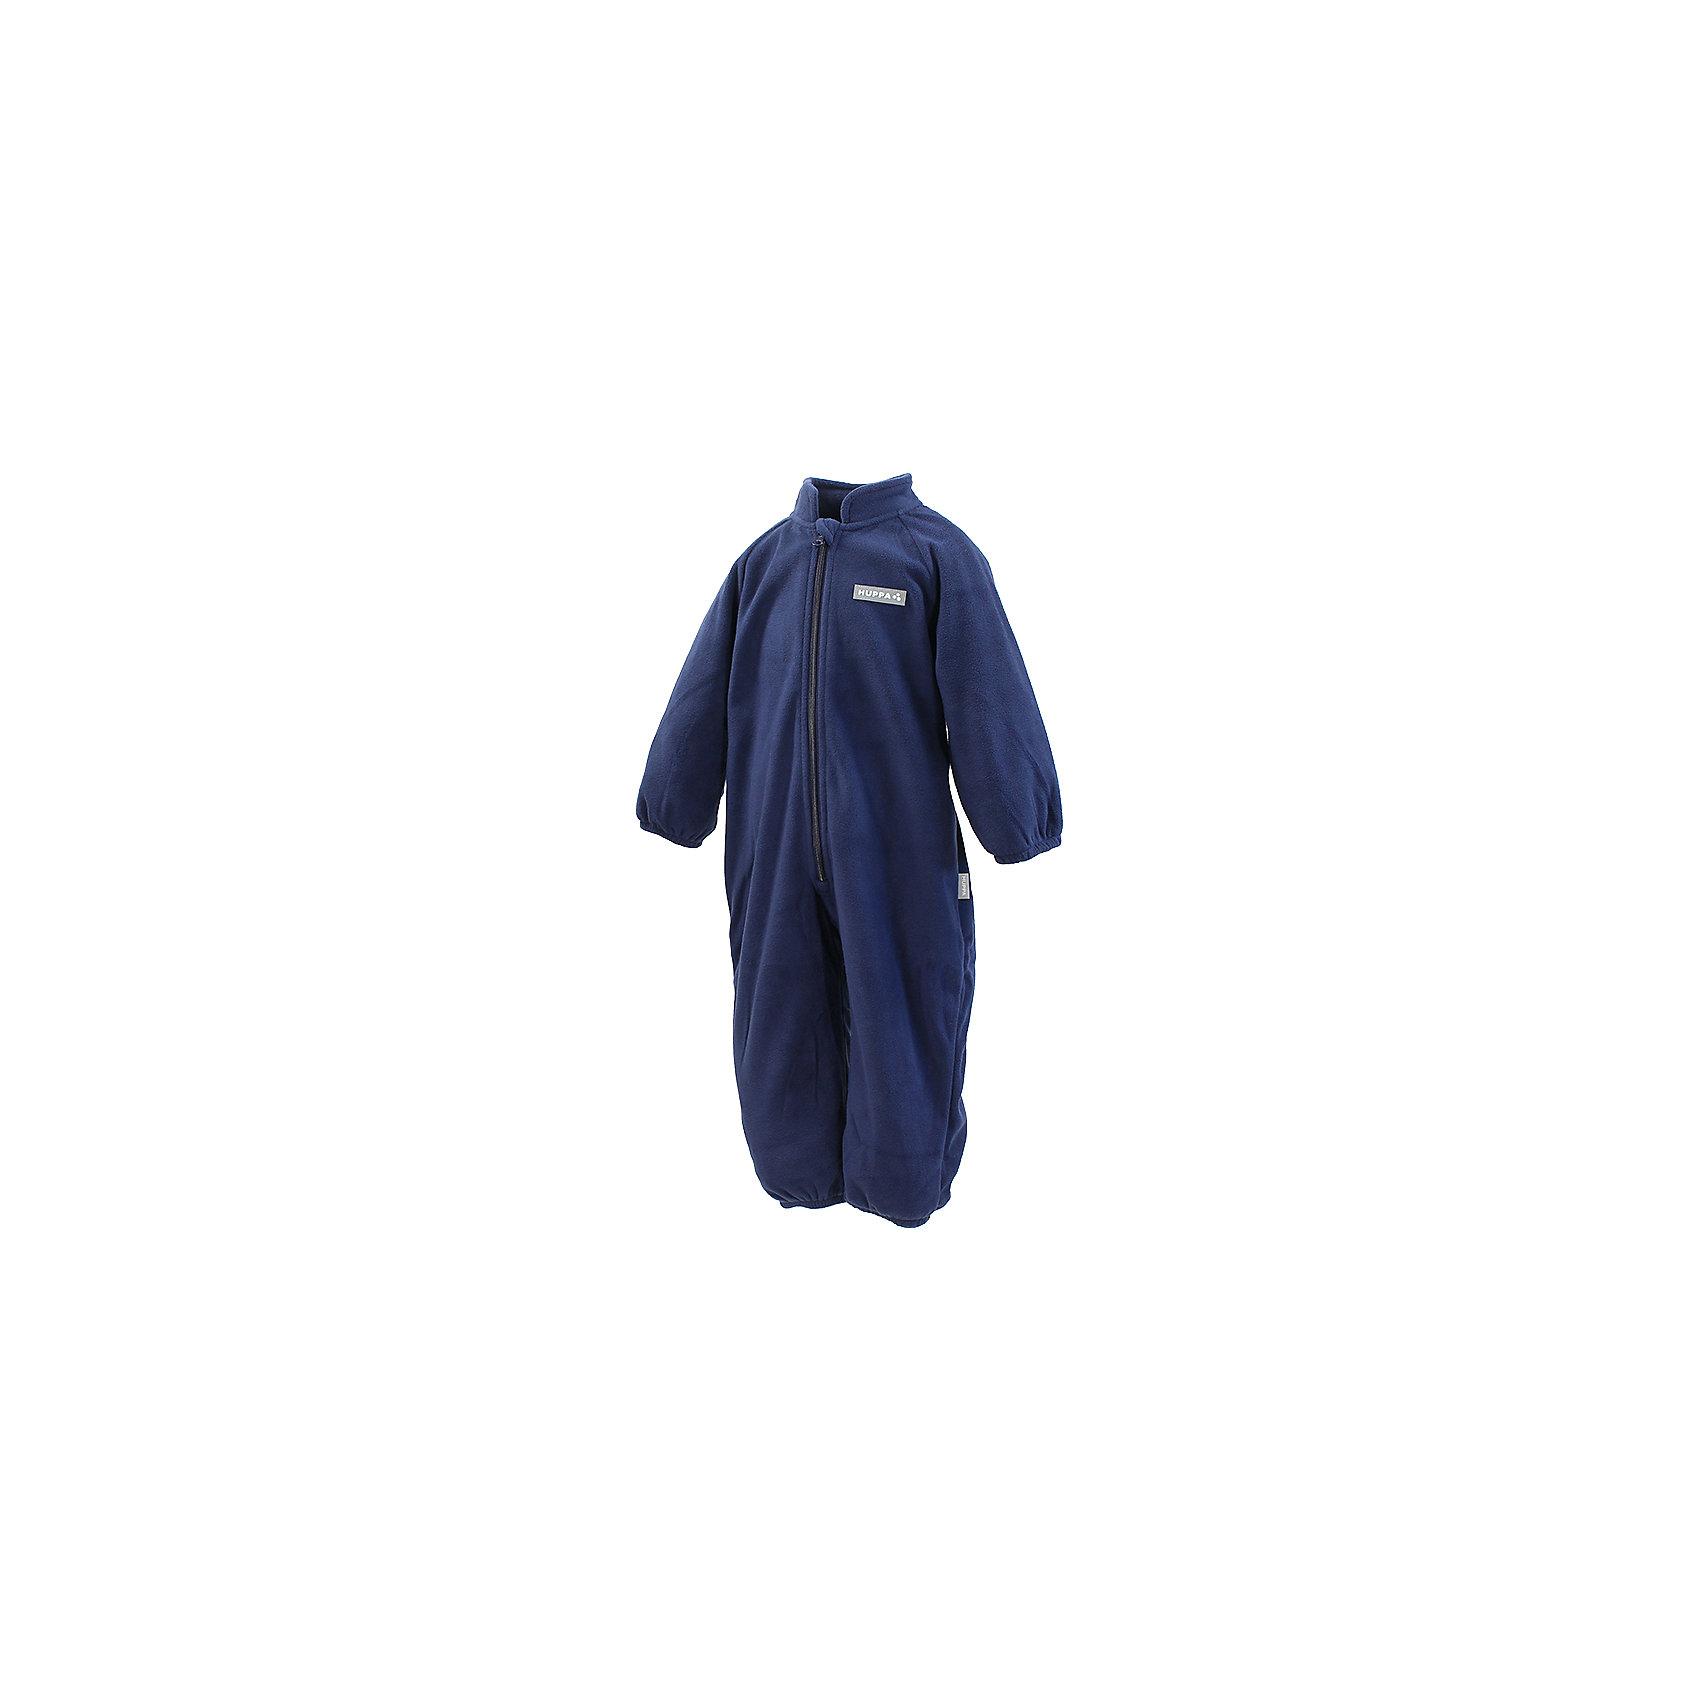 Комбинезон флисовый для мальчика HuppaФлисовый комбинезон ROLAND Huppa(Хуппа) имеет высокий воротник и застегивается на молнию. На манжетах есть резинки, надежно защищающие малыша от попадания ветра под одежду. Комбинезон достаточно теплый и отлично подойдет в качестве промежуточного слоя в одежде в зимнее время или как верхняя одежда весной-осенью.<br><br>Дополнительная информация:<br>Материал: 100% полиэстер<br>Цвет: темно-синий<br><br>Флисовый комбинезон ROLAND Huppa(Хуппа) вы можете приобрести в нашем интернет-магазине.<br><br>Ширина мм: 190<br>Глубина мм: 74<br>Высота мм: 229<br>Вес г: 236<br>Цвет: синий<br>Возраст от месяцев: 72<br>Возраст до месяцев: 84<br>Пол: Мужской<br>Возраст: Детский<br>Размер: 122,86,104,110,116,92,98,74,80<br>SKU: 4928567